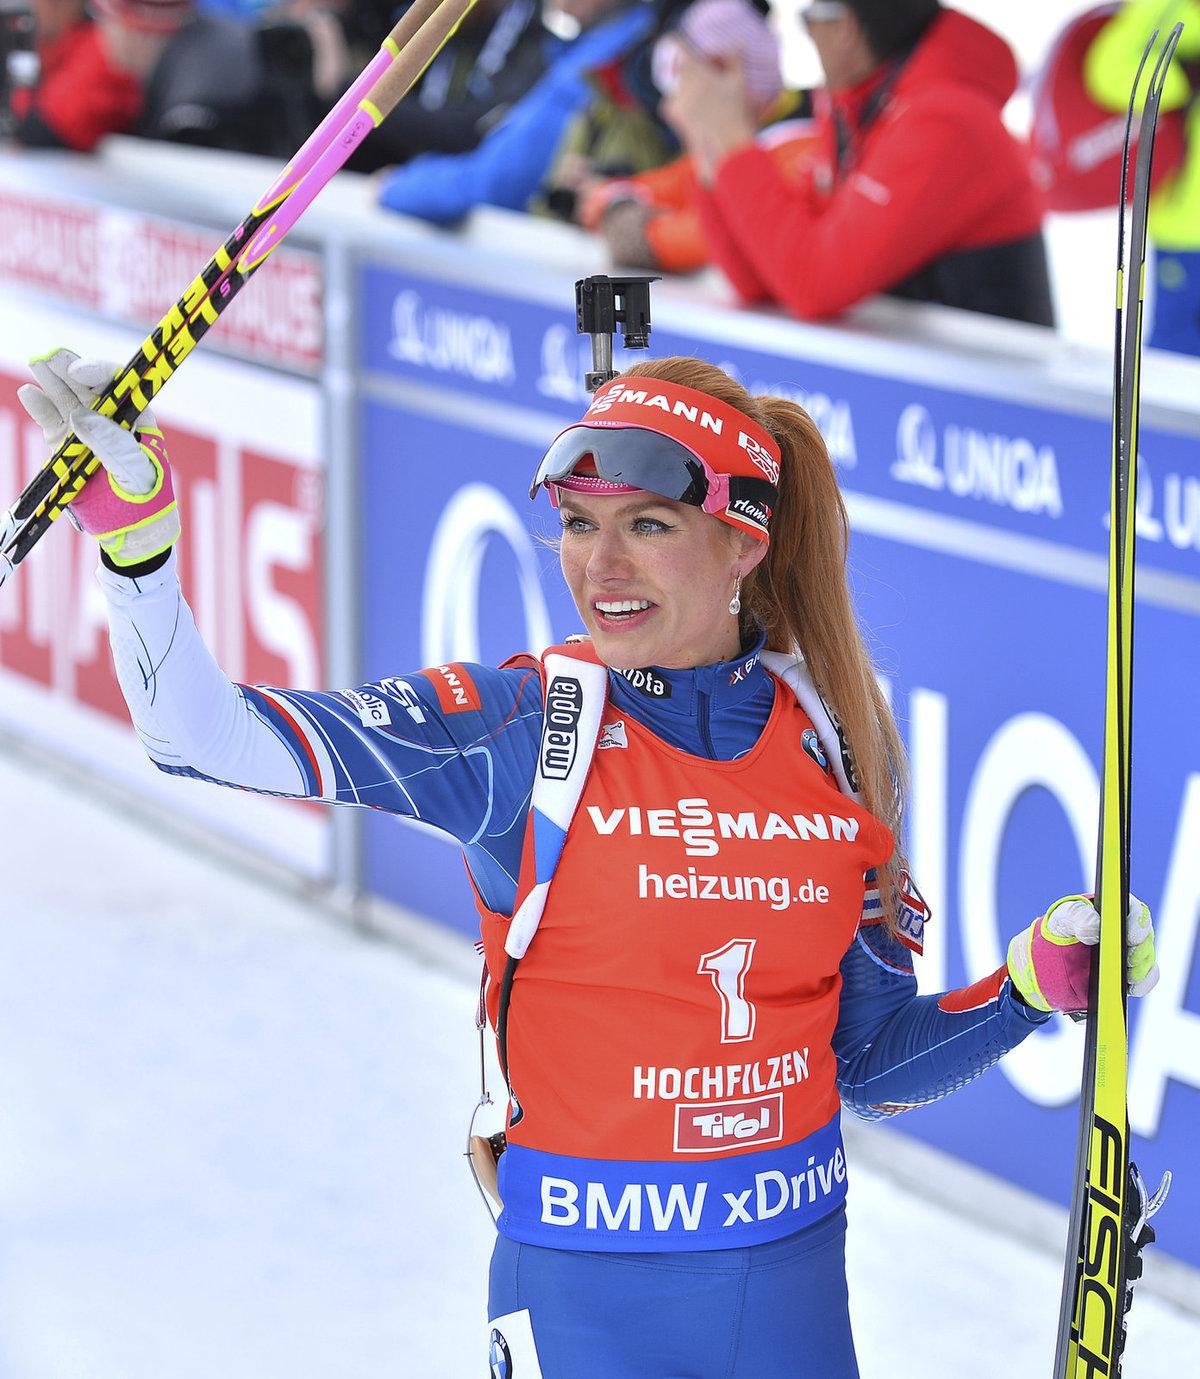 Největší česká biatlonová hvězda Gabriela Koukalová